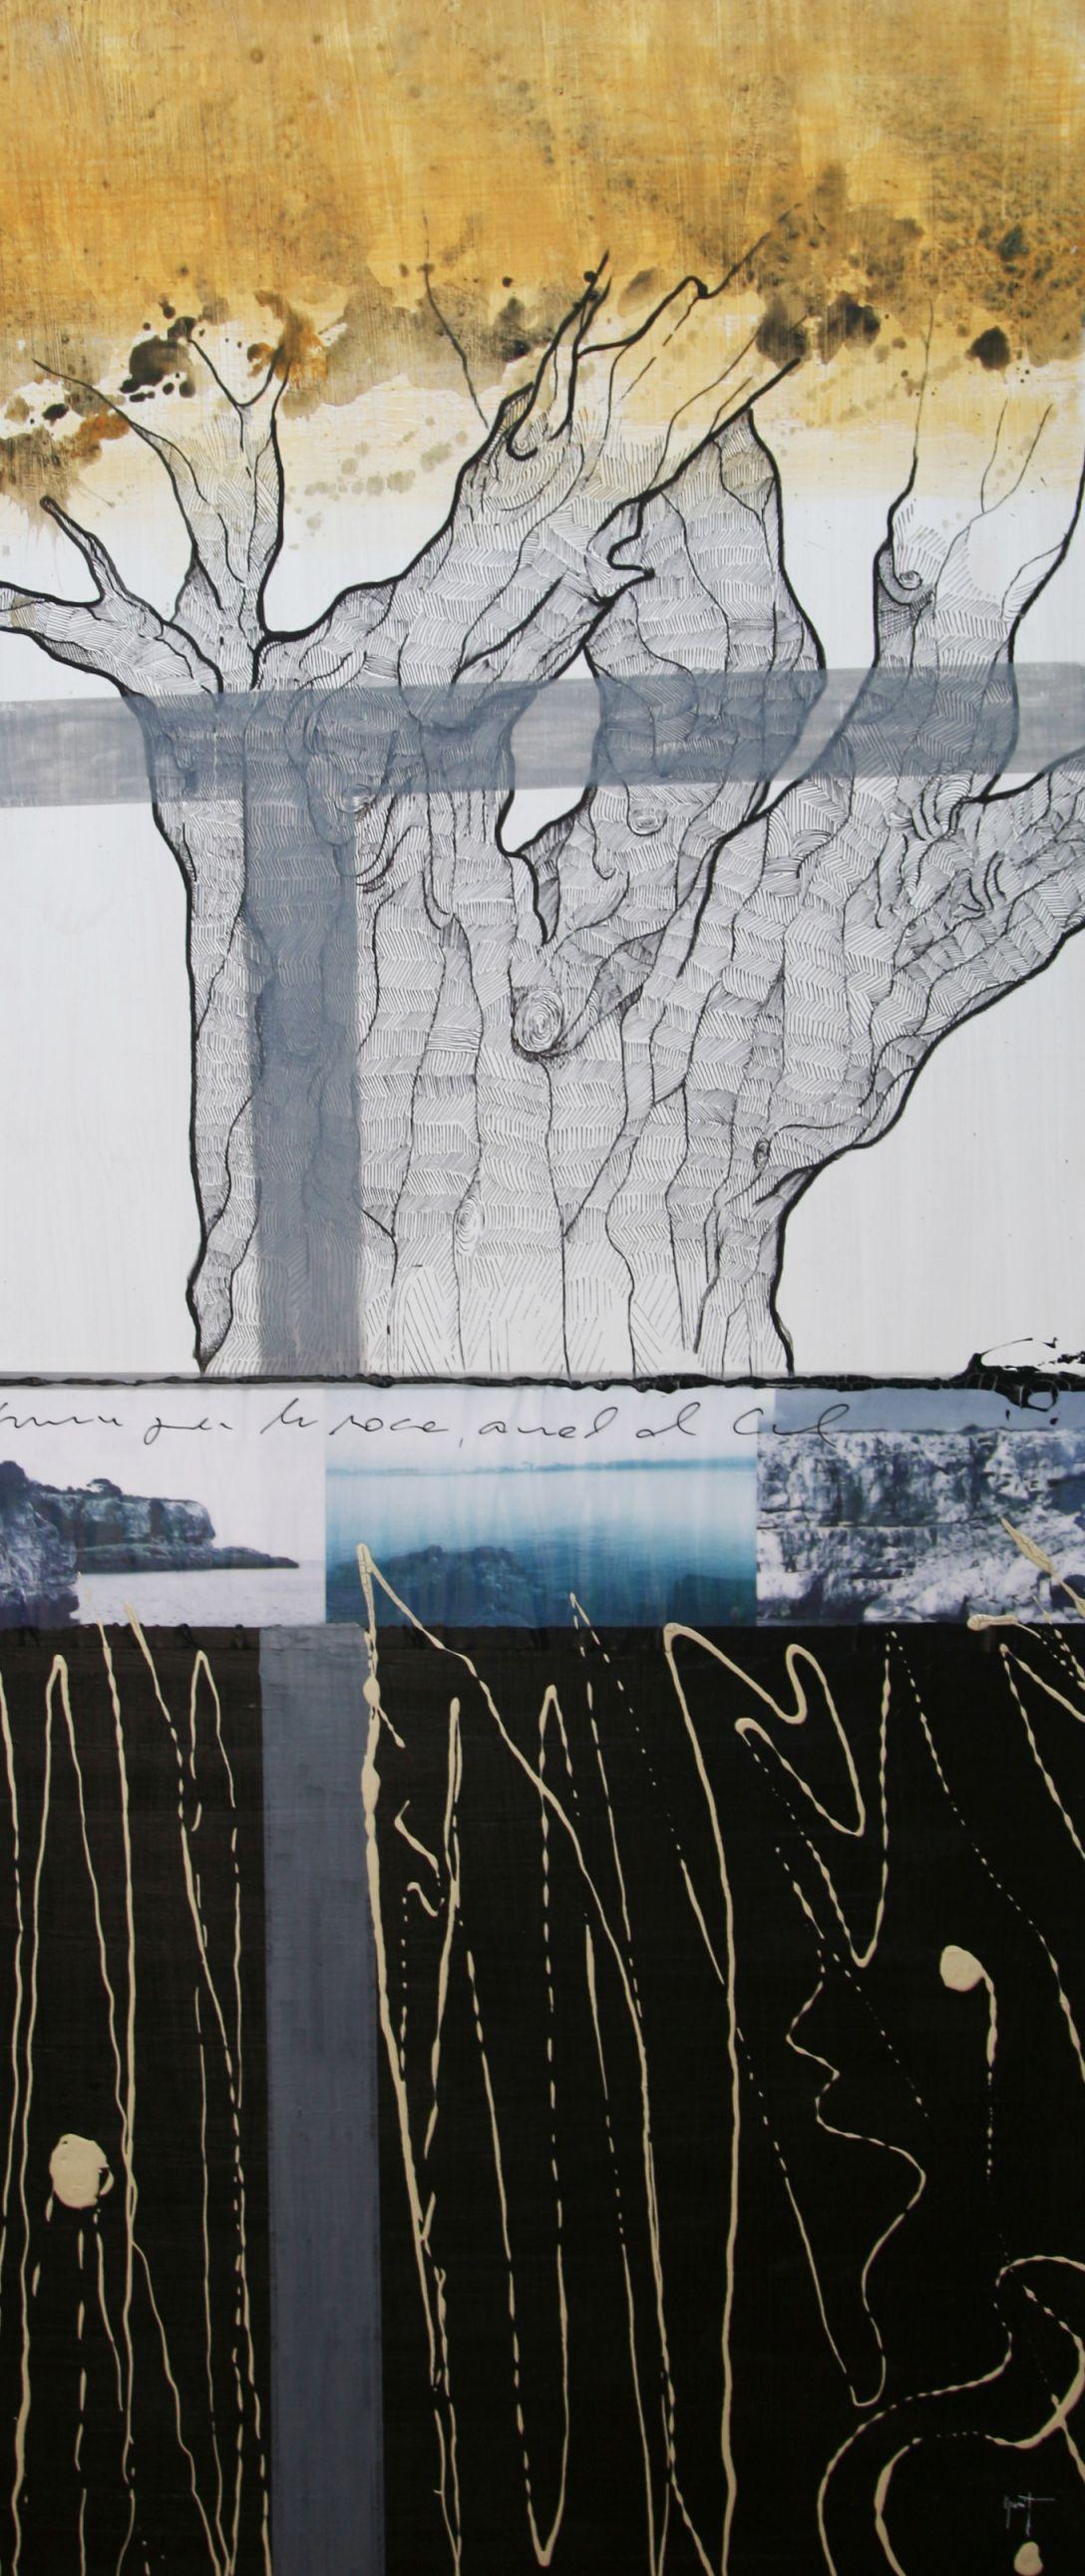 Arbre de tardor (2016) - Llorenç Garrit